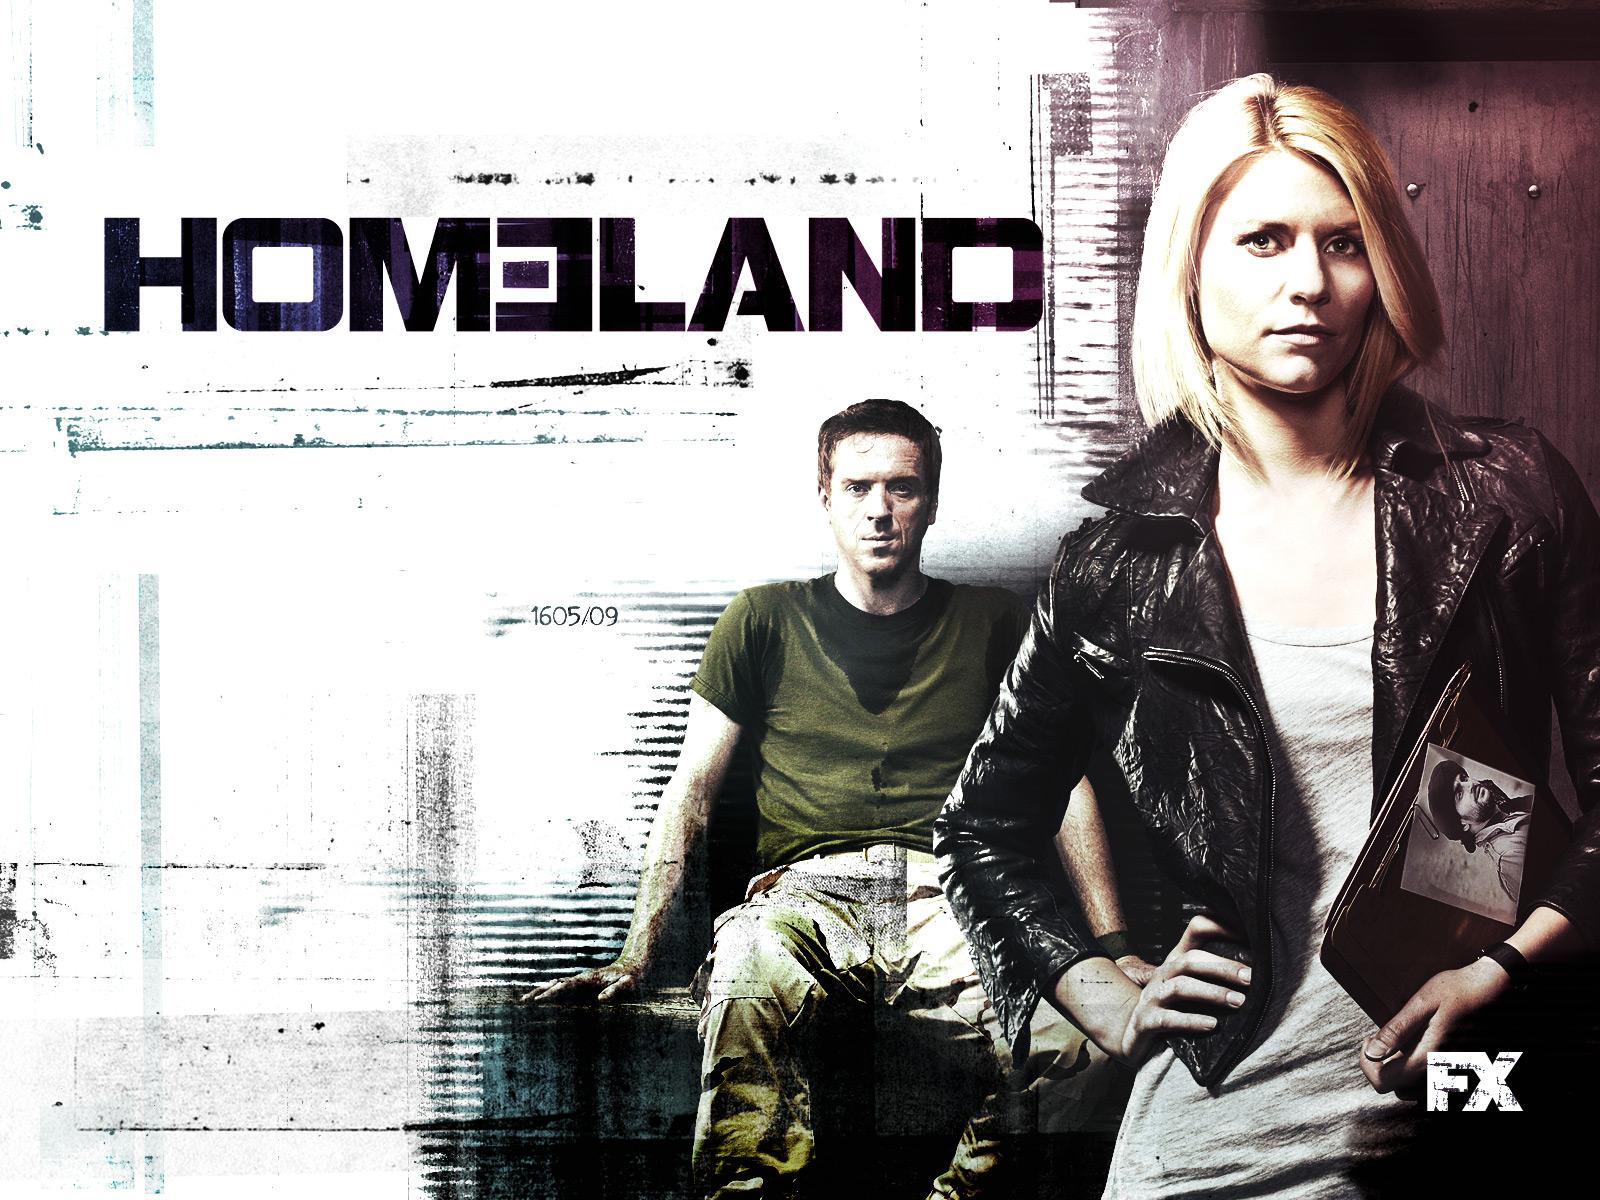 Homeland wallpaper 5